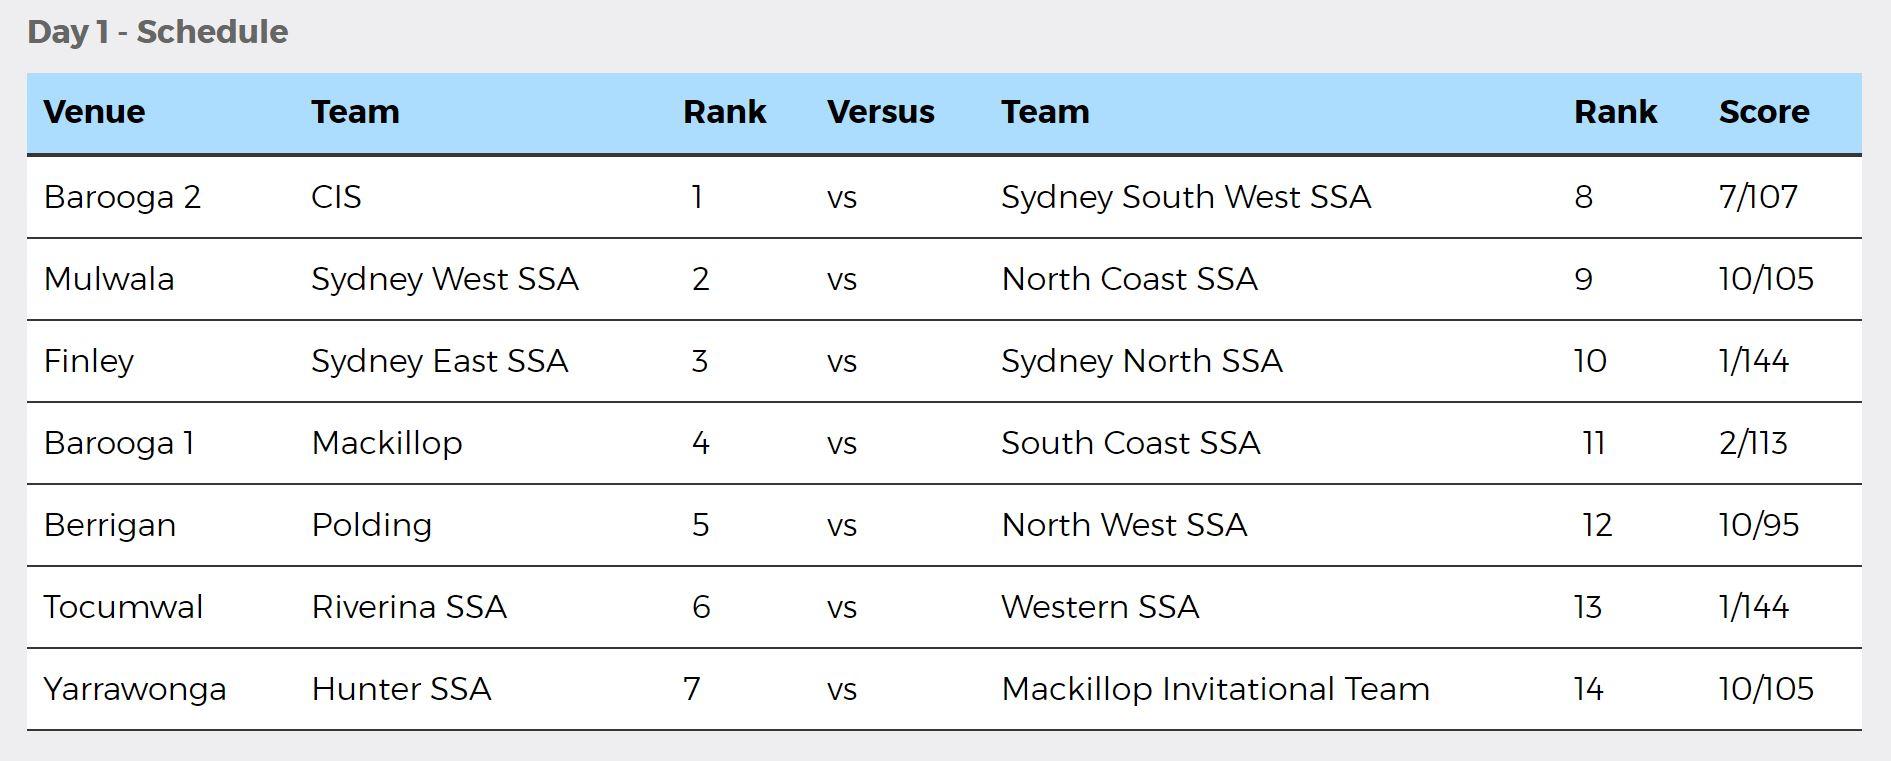 NSWPSSA Boys Cricket Day 1 results - 23 October 2018